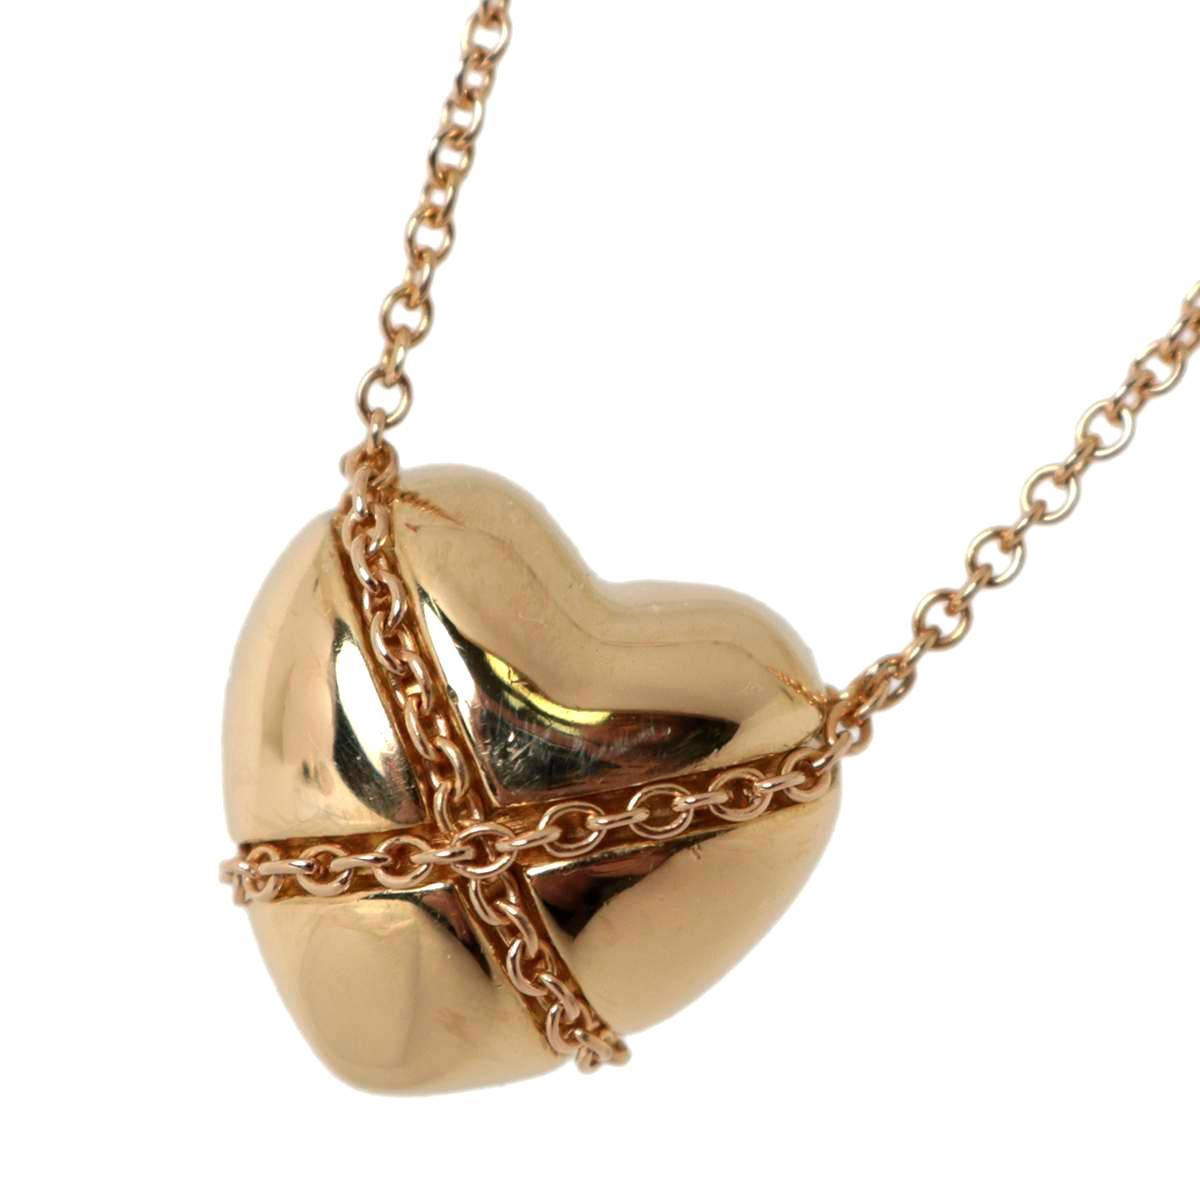 【中古】 Tiffany & Co./ティファニーK18YGハート チェーンクロスペンダントネックレス 首回り47cm 6.0g 18金イエローゴールド ジュエリーペンネック KZ ABランク